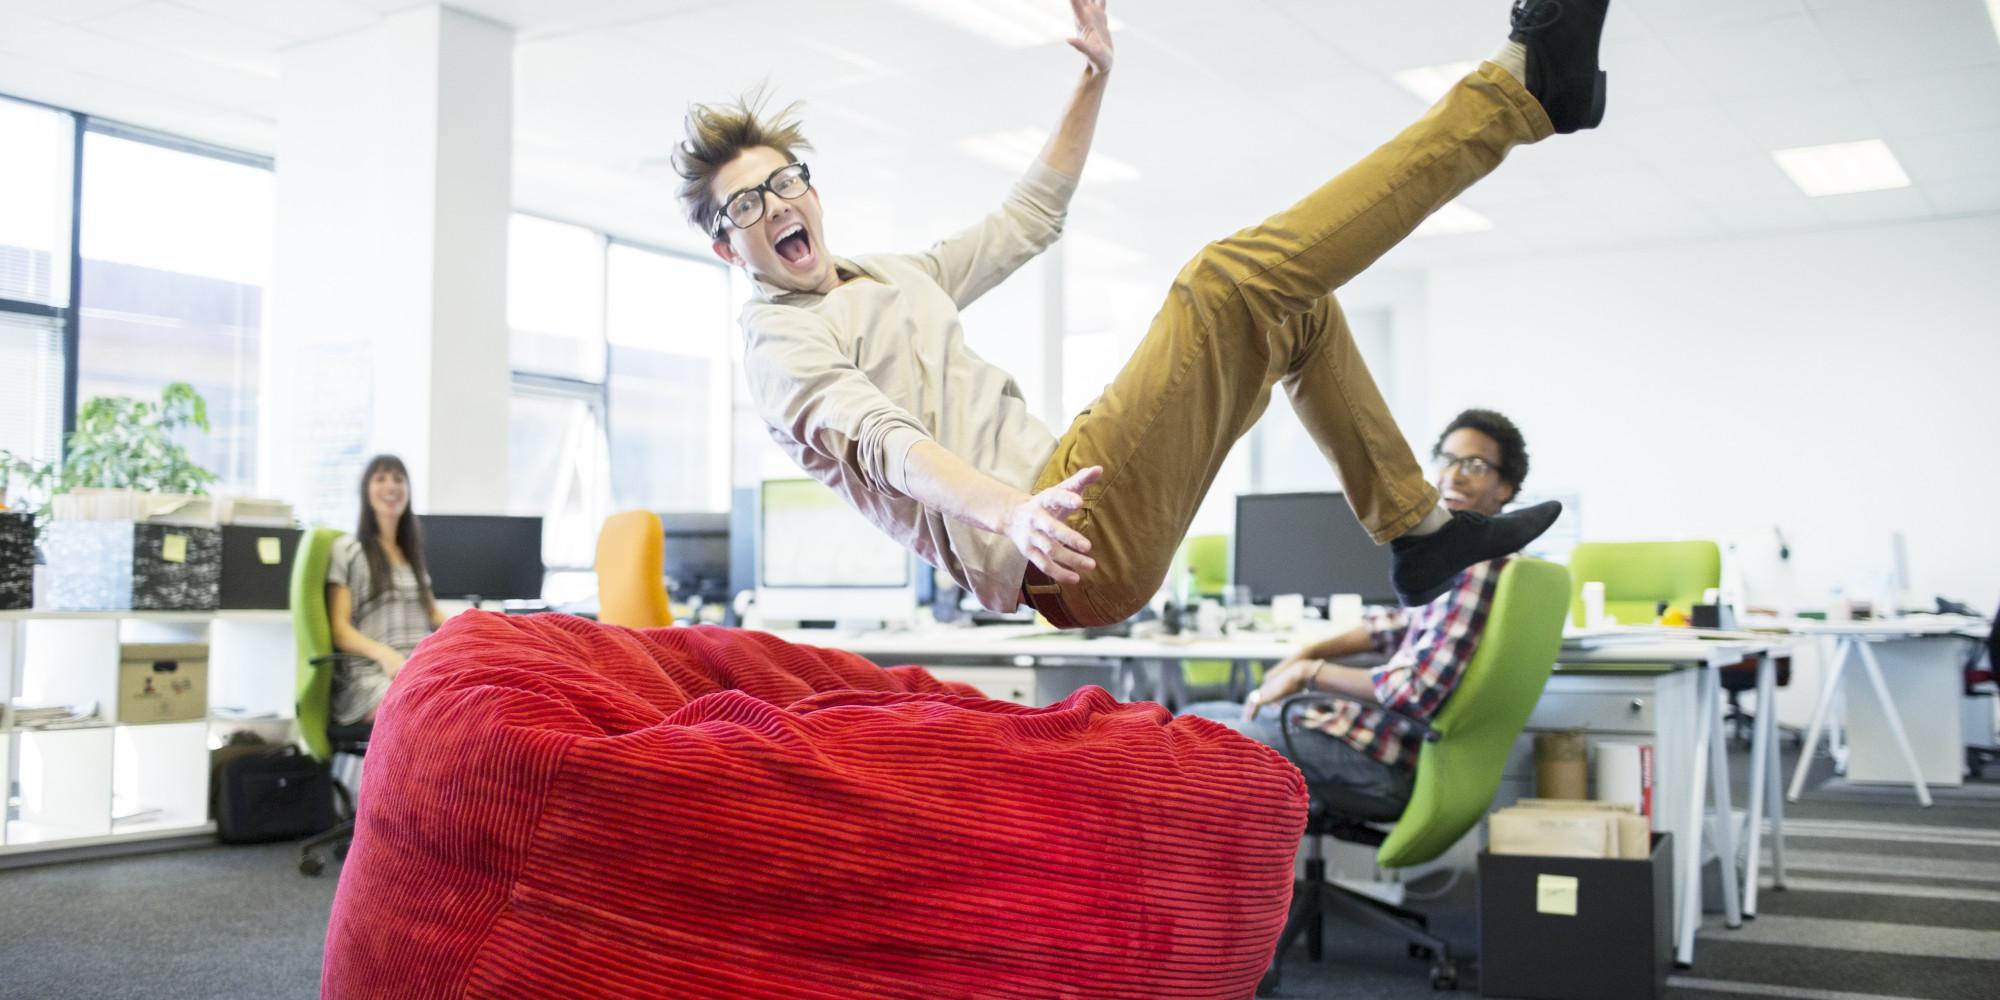 29 best jobs for work-life balance according to Glassdoor ...  |Happy Working